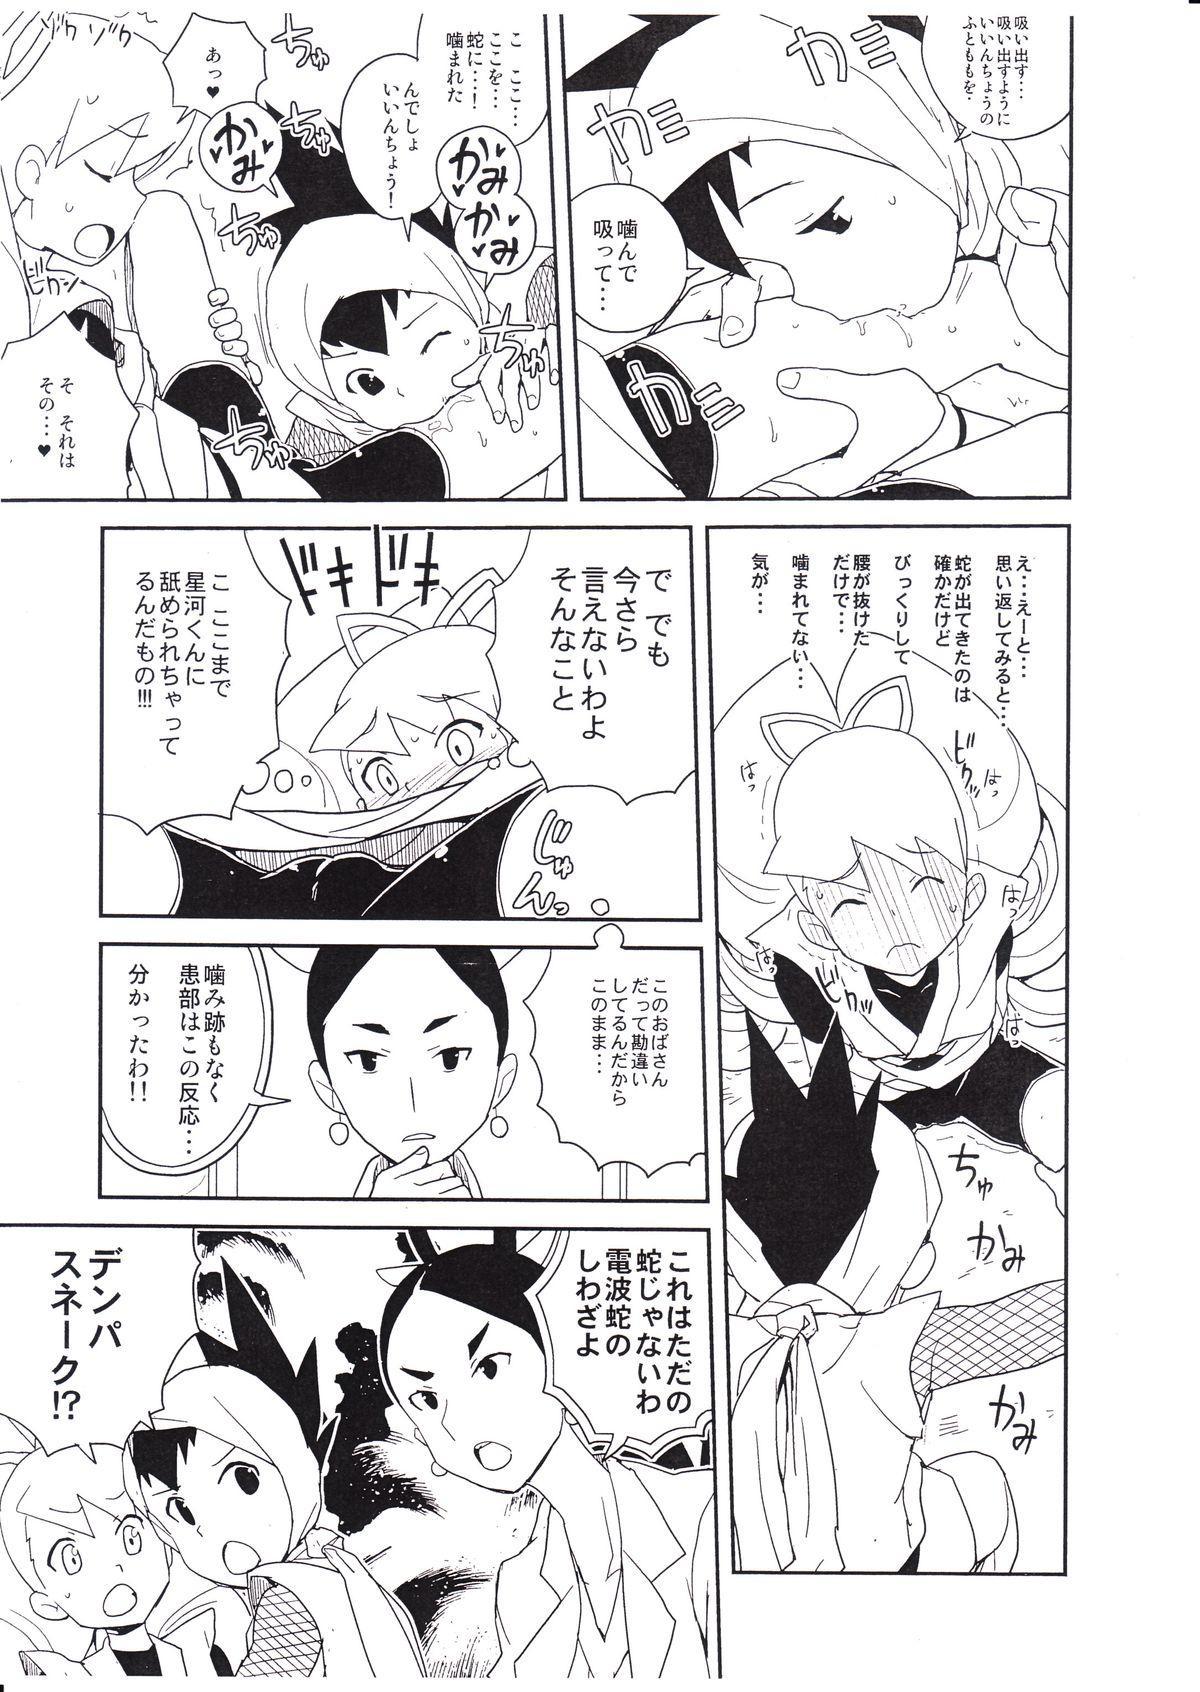 10nen no FuyuComi no 3